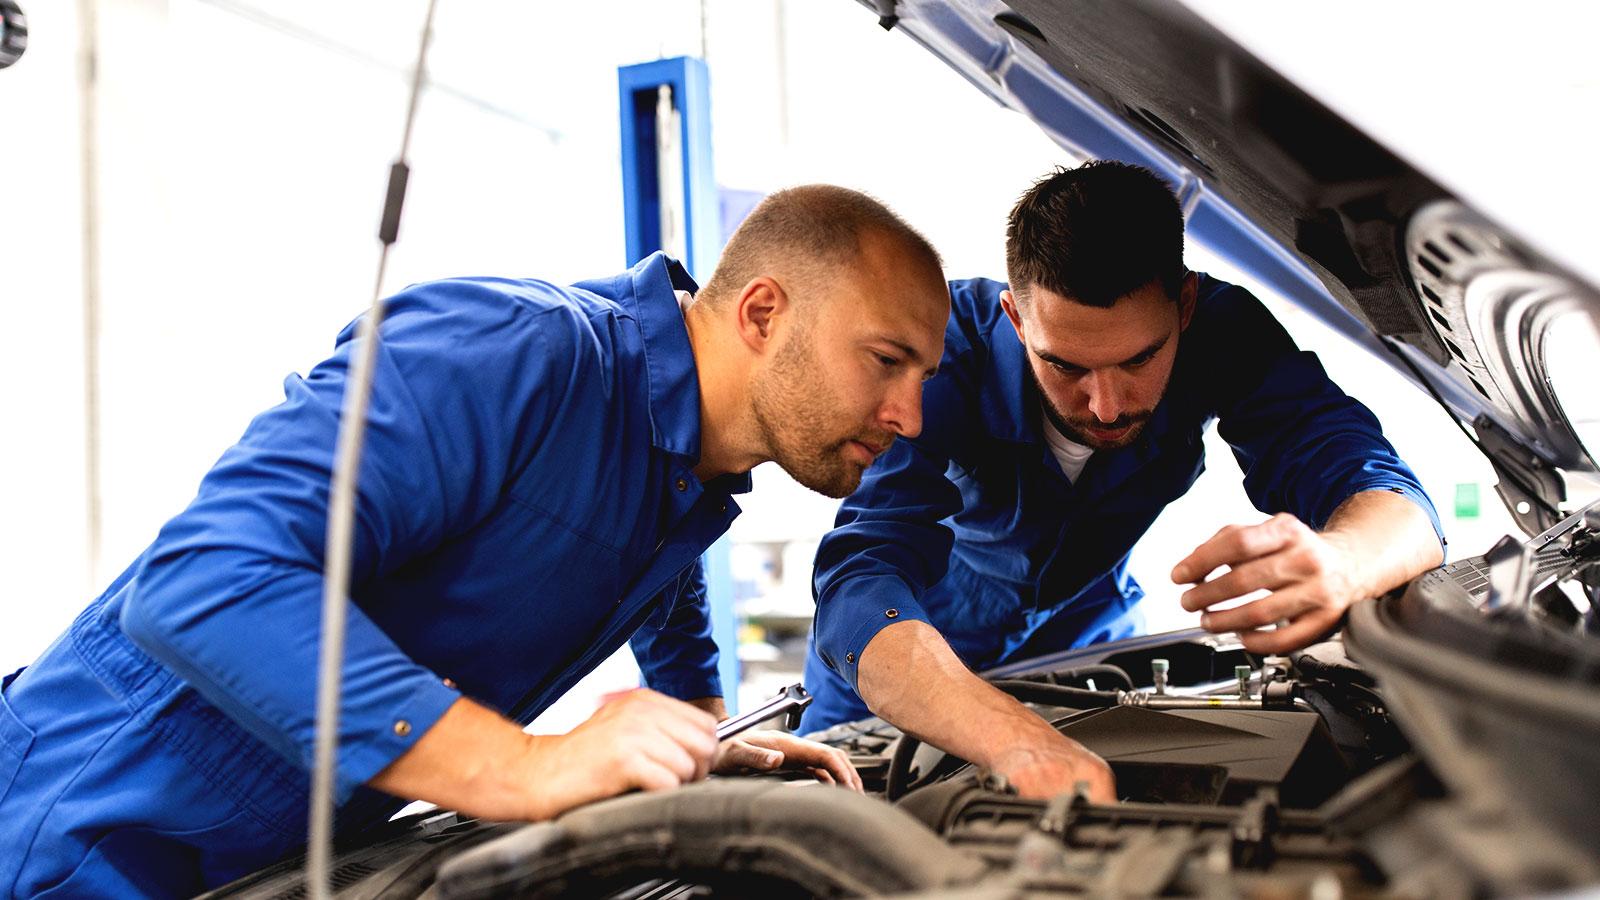 Qué tareas entran en el mantenimiento preventivo de un vehículo y quién debe seguirlas